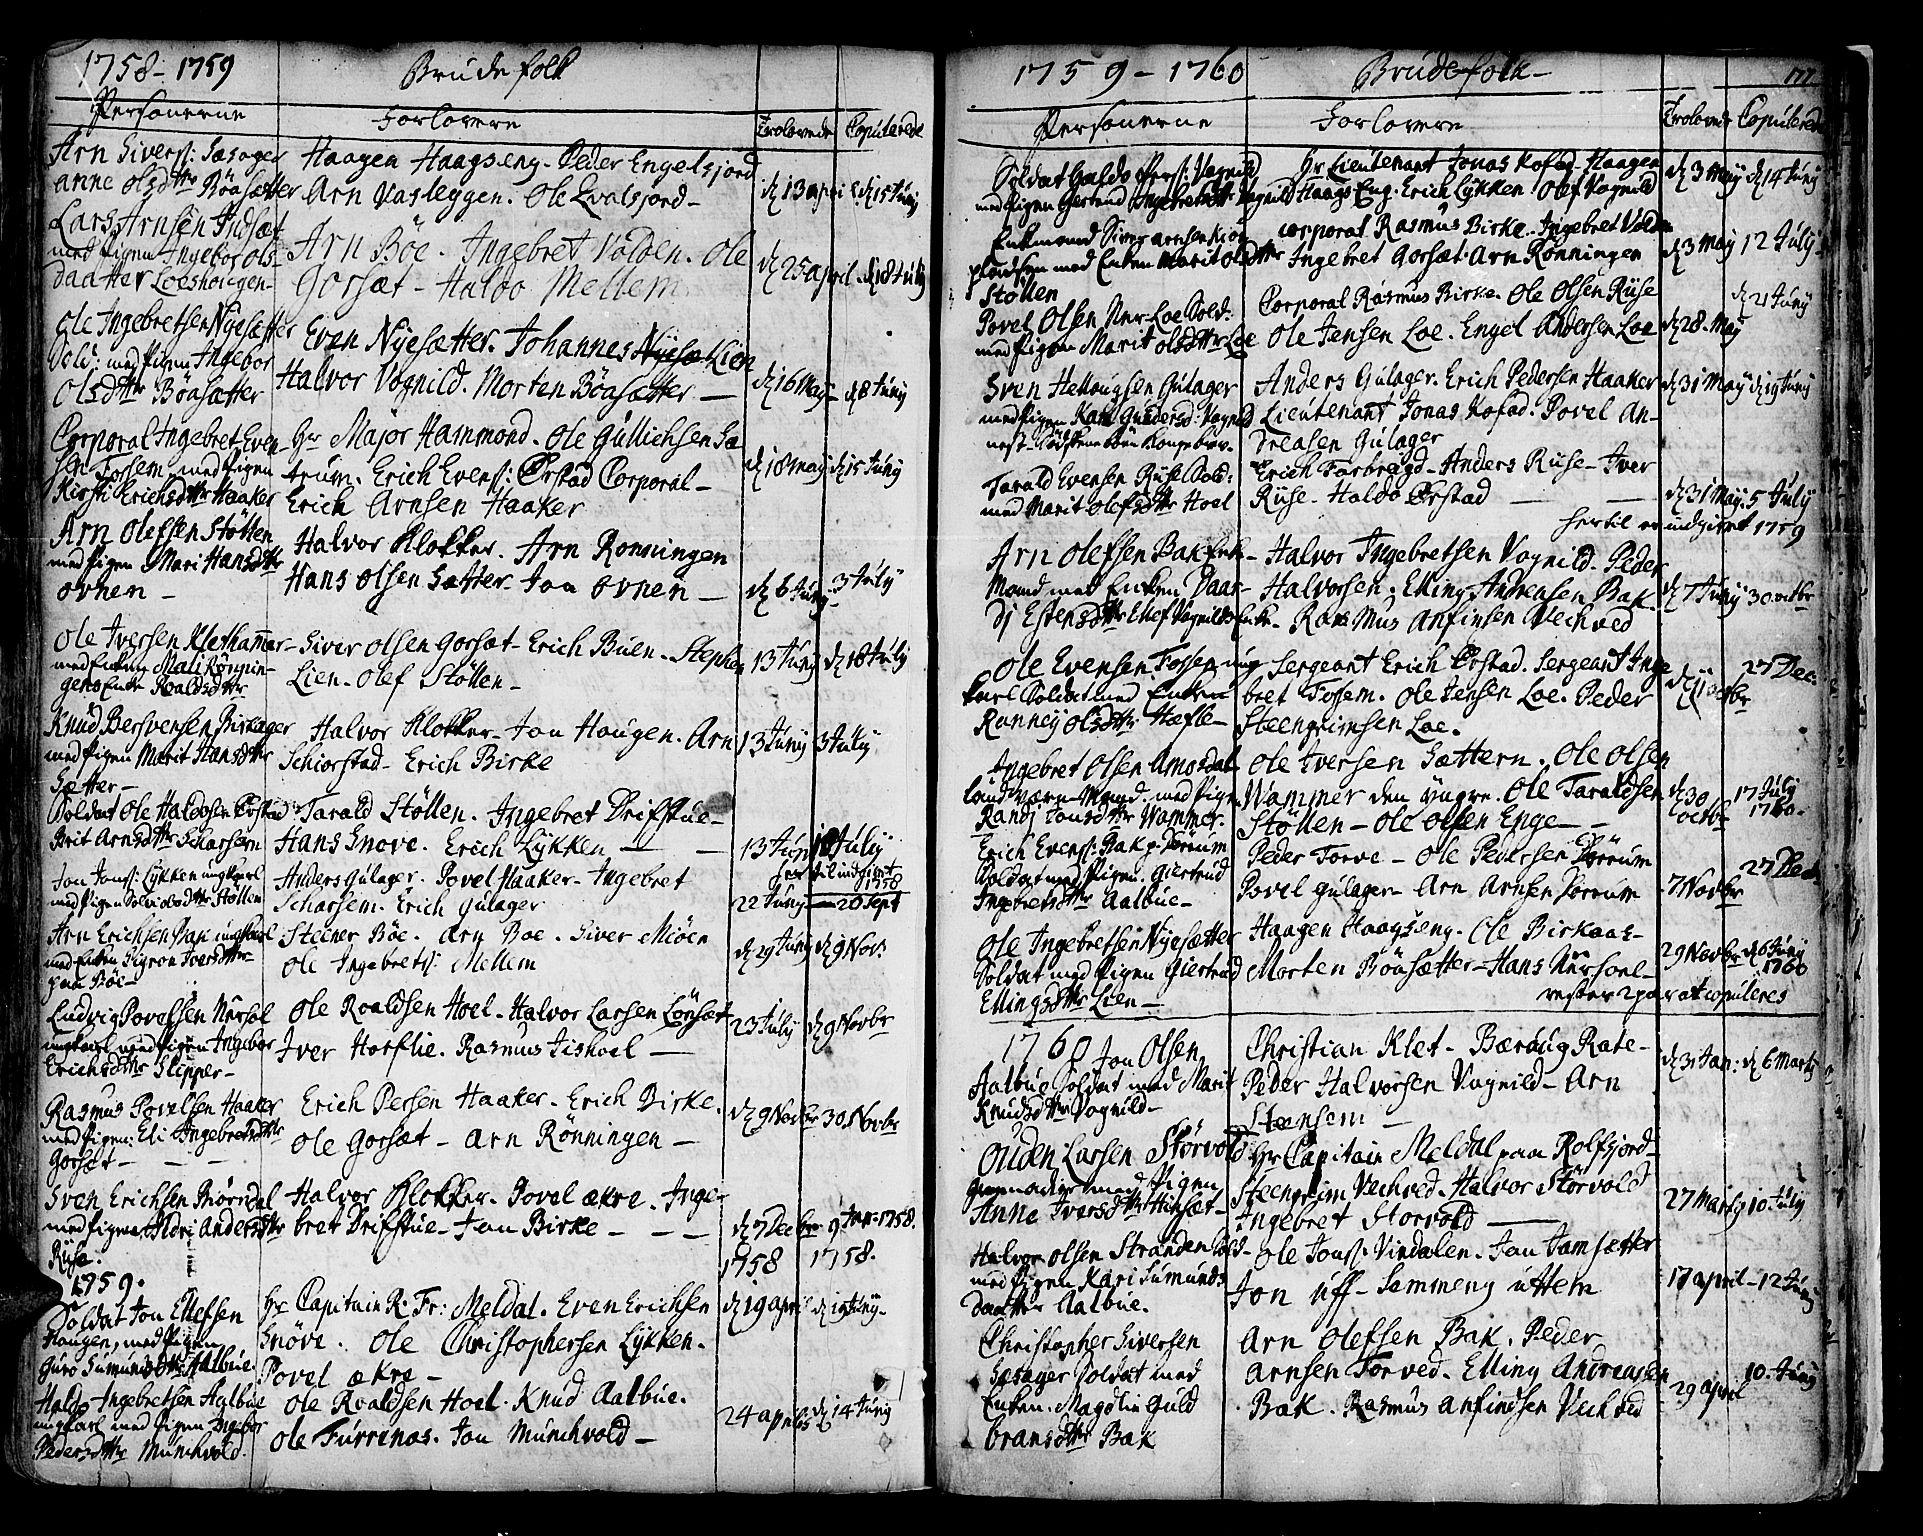 SAT, Ministerialprotokoller, klokkerbøker og fødselsregistre - Sør-Trøndelag, 678/L0891: Ministerialbok nr. 678A01, 1739-1780, s. 177